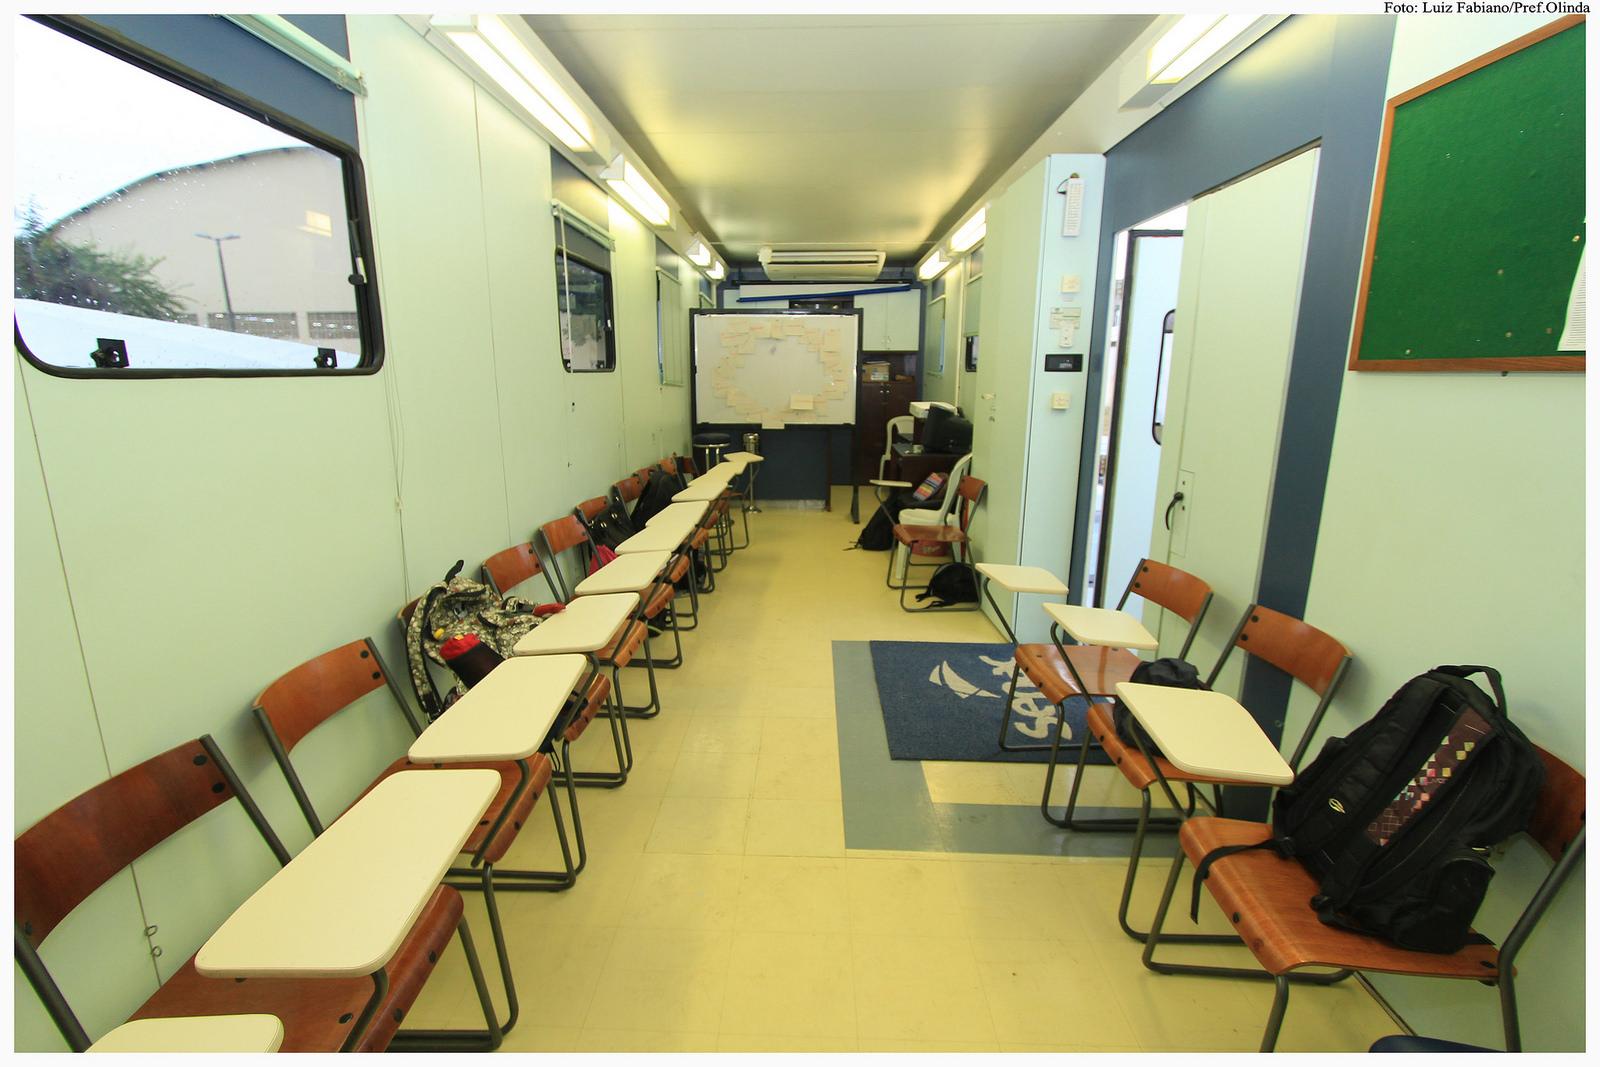 Prefeitura e SENAC assinam convênio para cursos profissionalizantes gratuitos em Olinda. Foto: Luiz Fabiano/Pref.Olinda